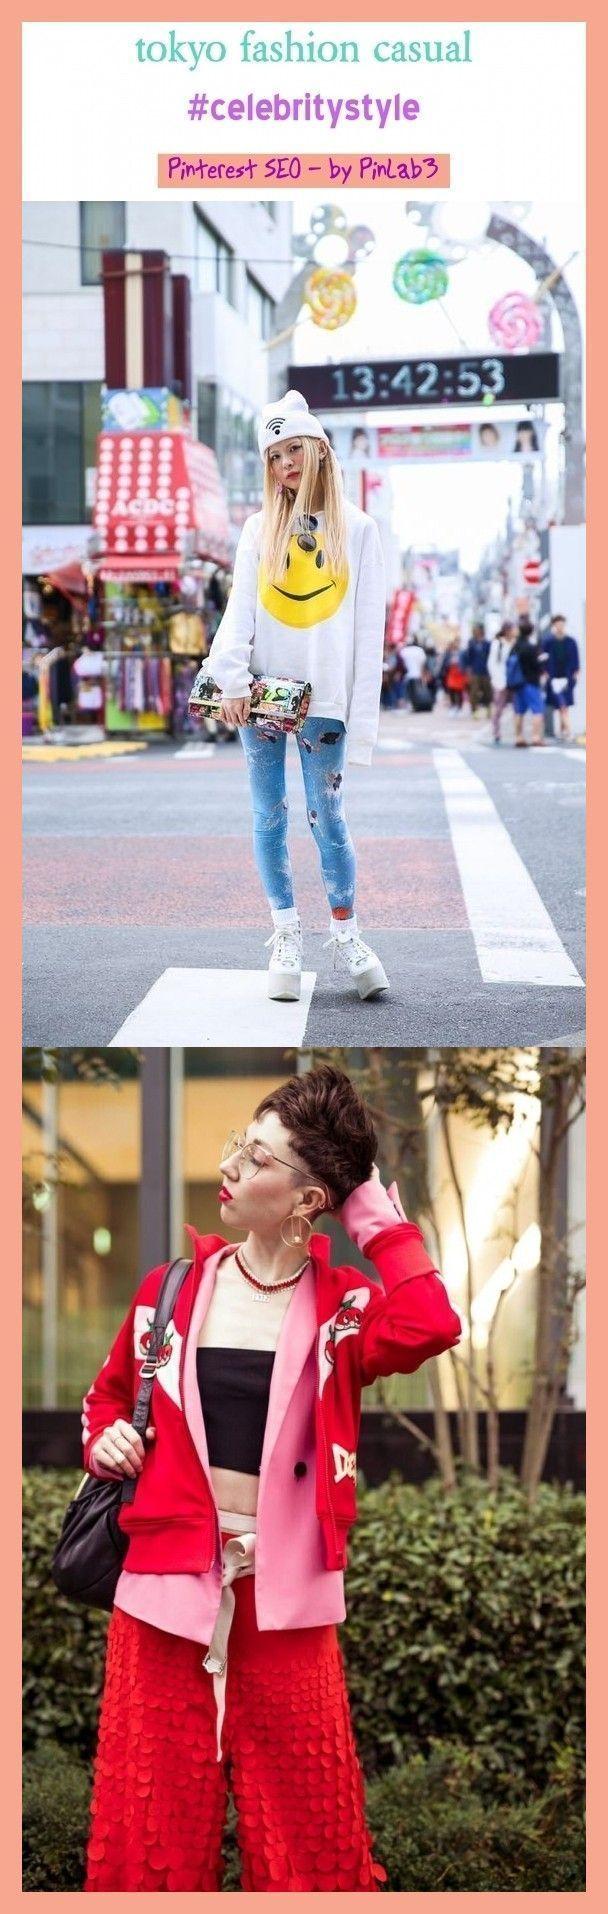 Runway Mode #tokyo #fashion #aesthetic tokyo fashion aesthetic, tokyo fashio .... -  Runway fashion #Tokyo #fashion #aesthetic tokyo fashion aesthetic, tokyo fashio … – runway fash - #aesthetic #CelebrityStyle #fashio #fashion #MenGrooming #Mode #runway #RunwayFashion #StylingTips #tokyo